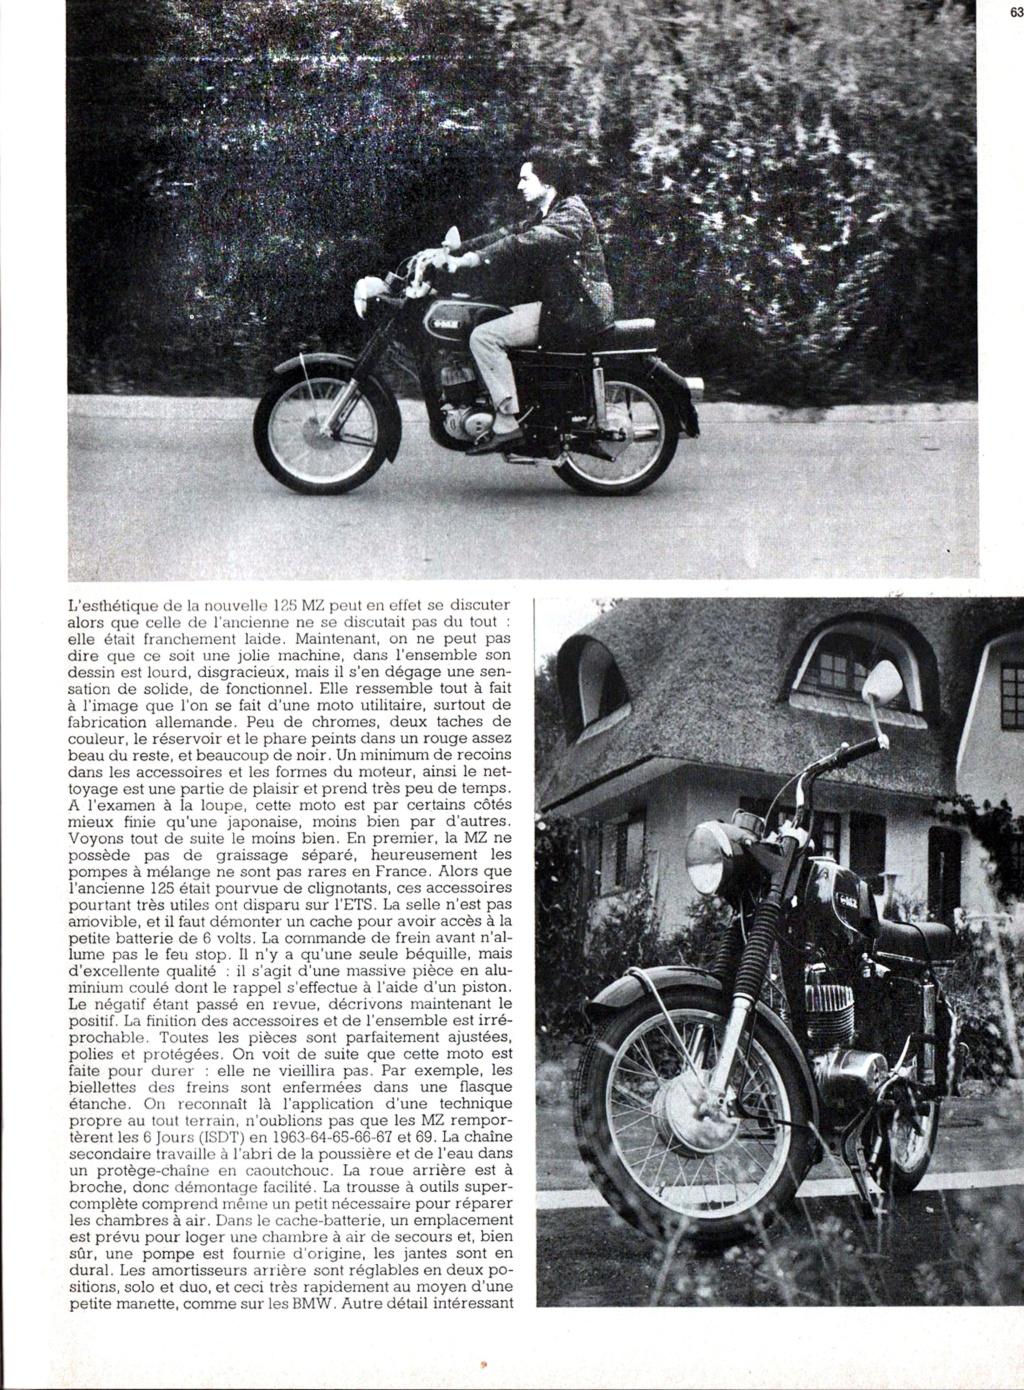 Et une MZ de plus - Page 6 B-1-0027